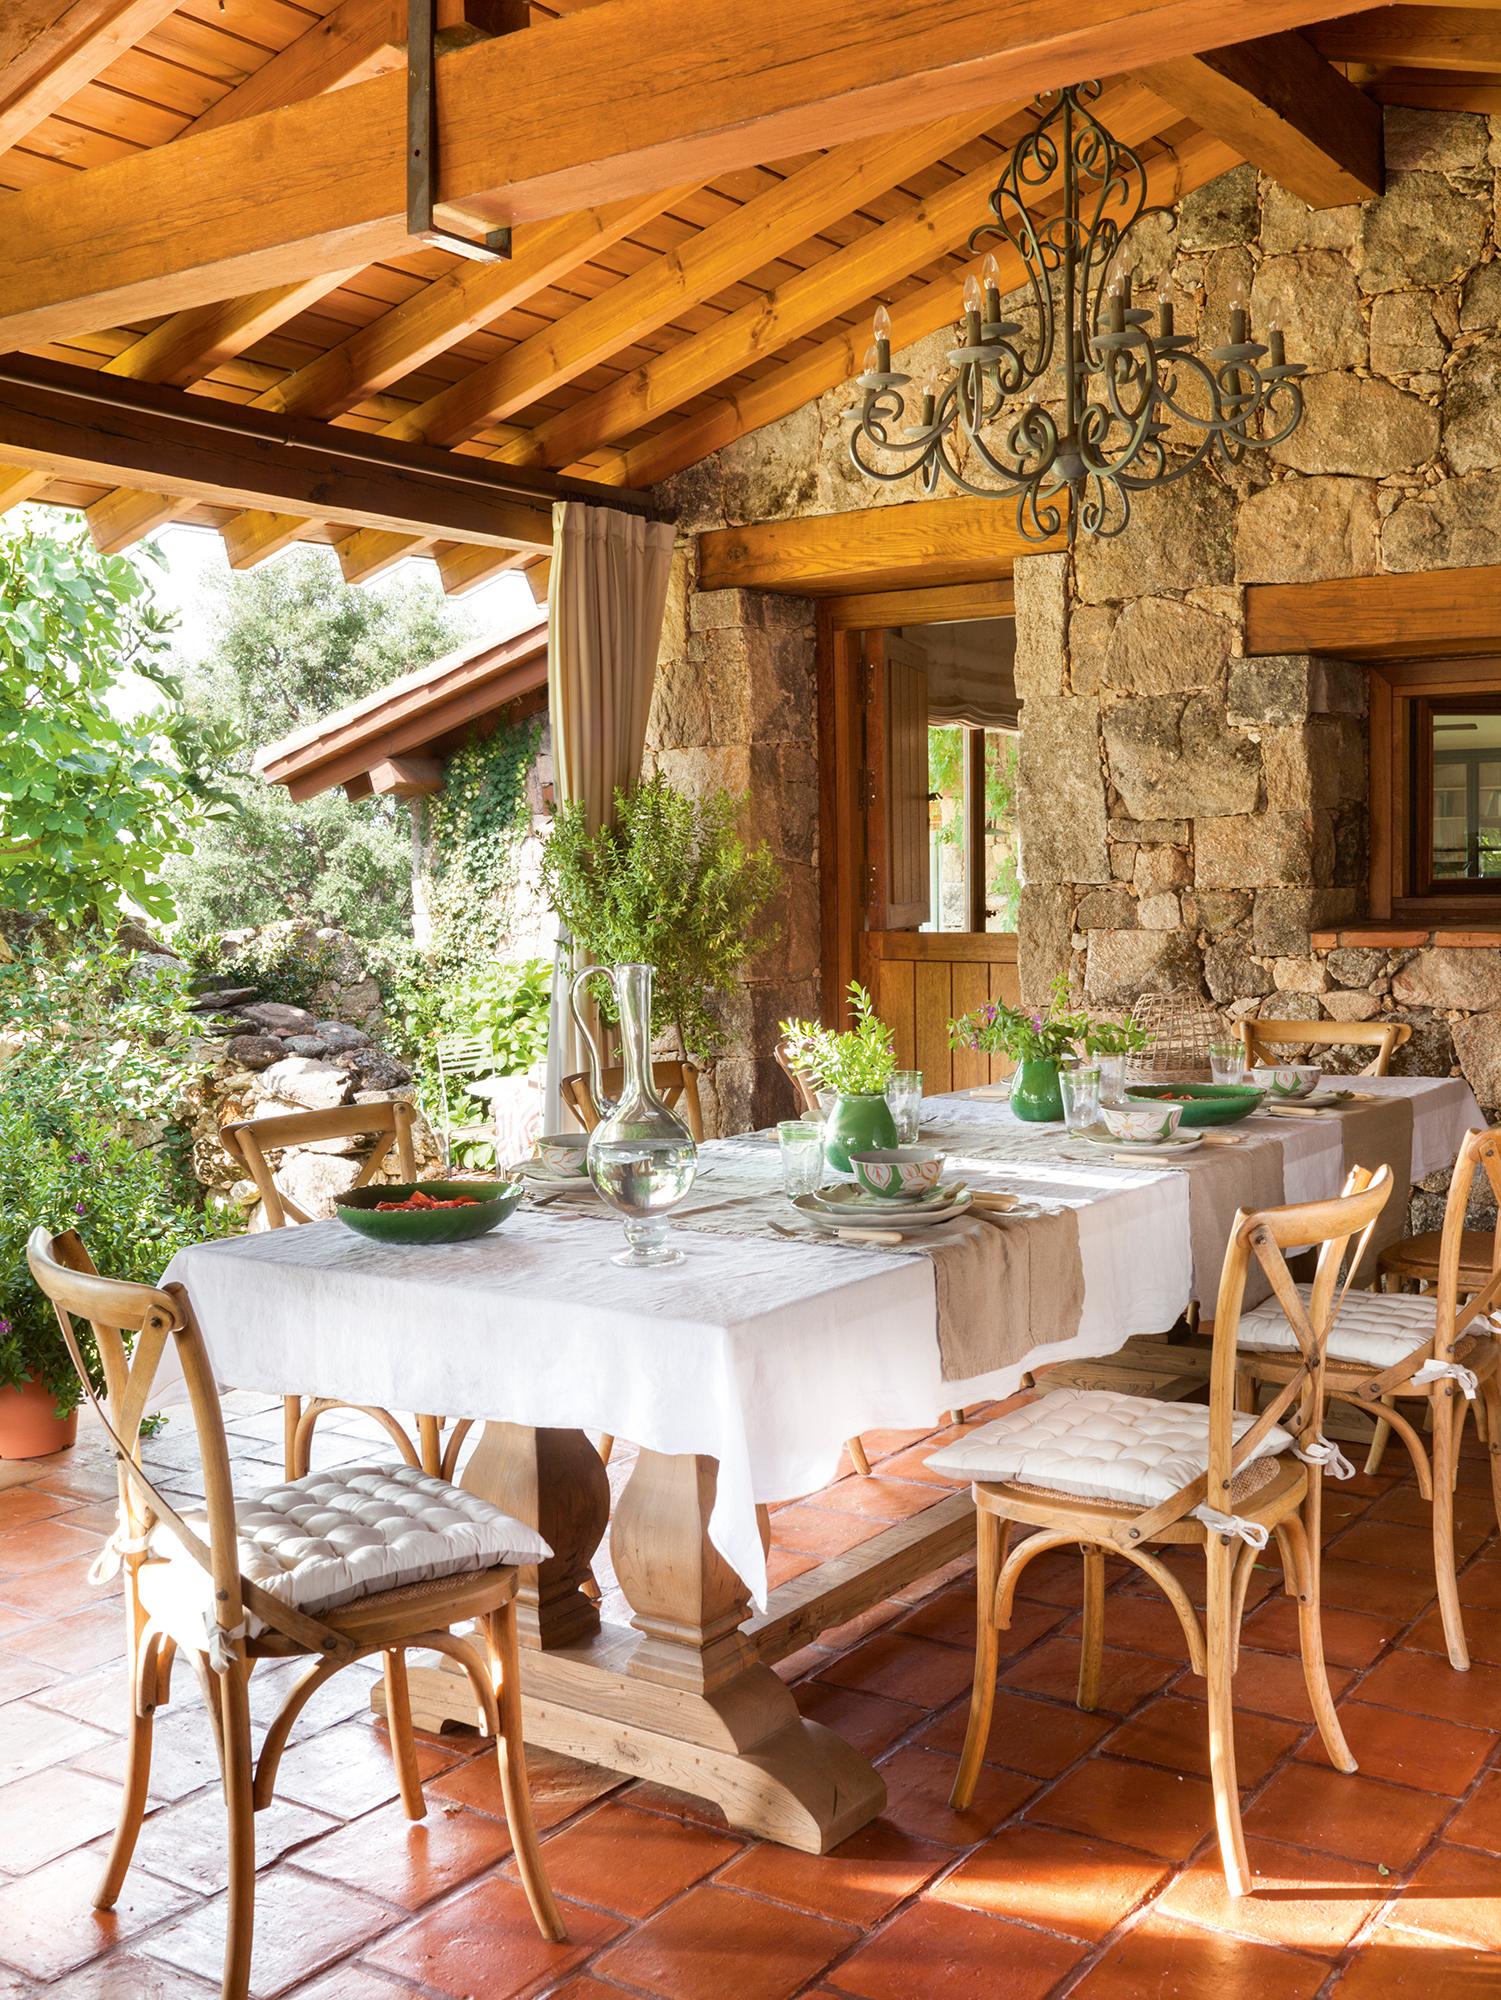 Comedores de exterior los 50 mejores de el mueble - Decorar comedor rustico ...